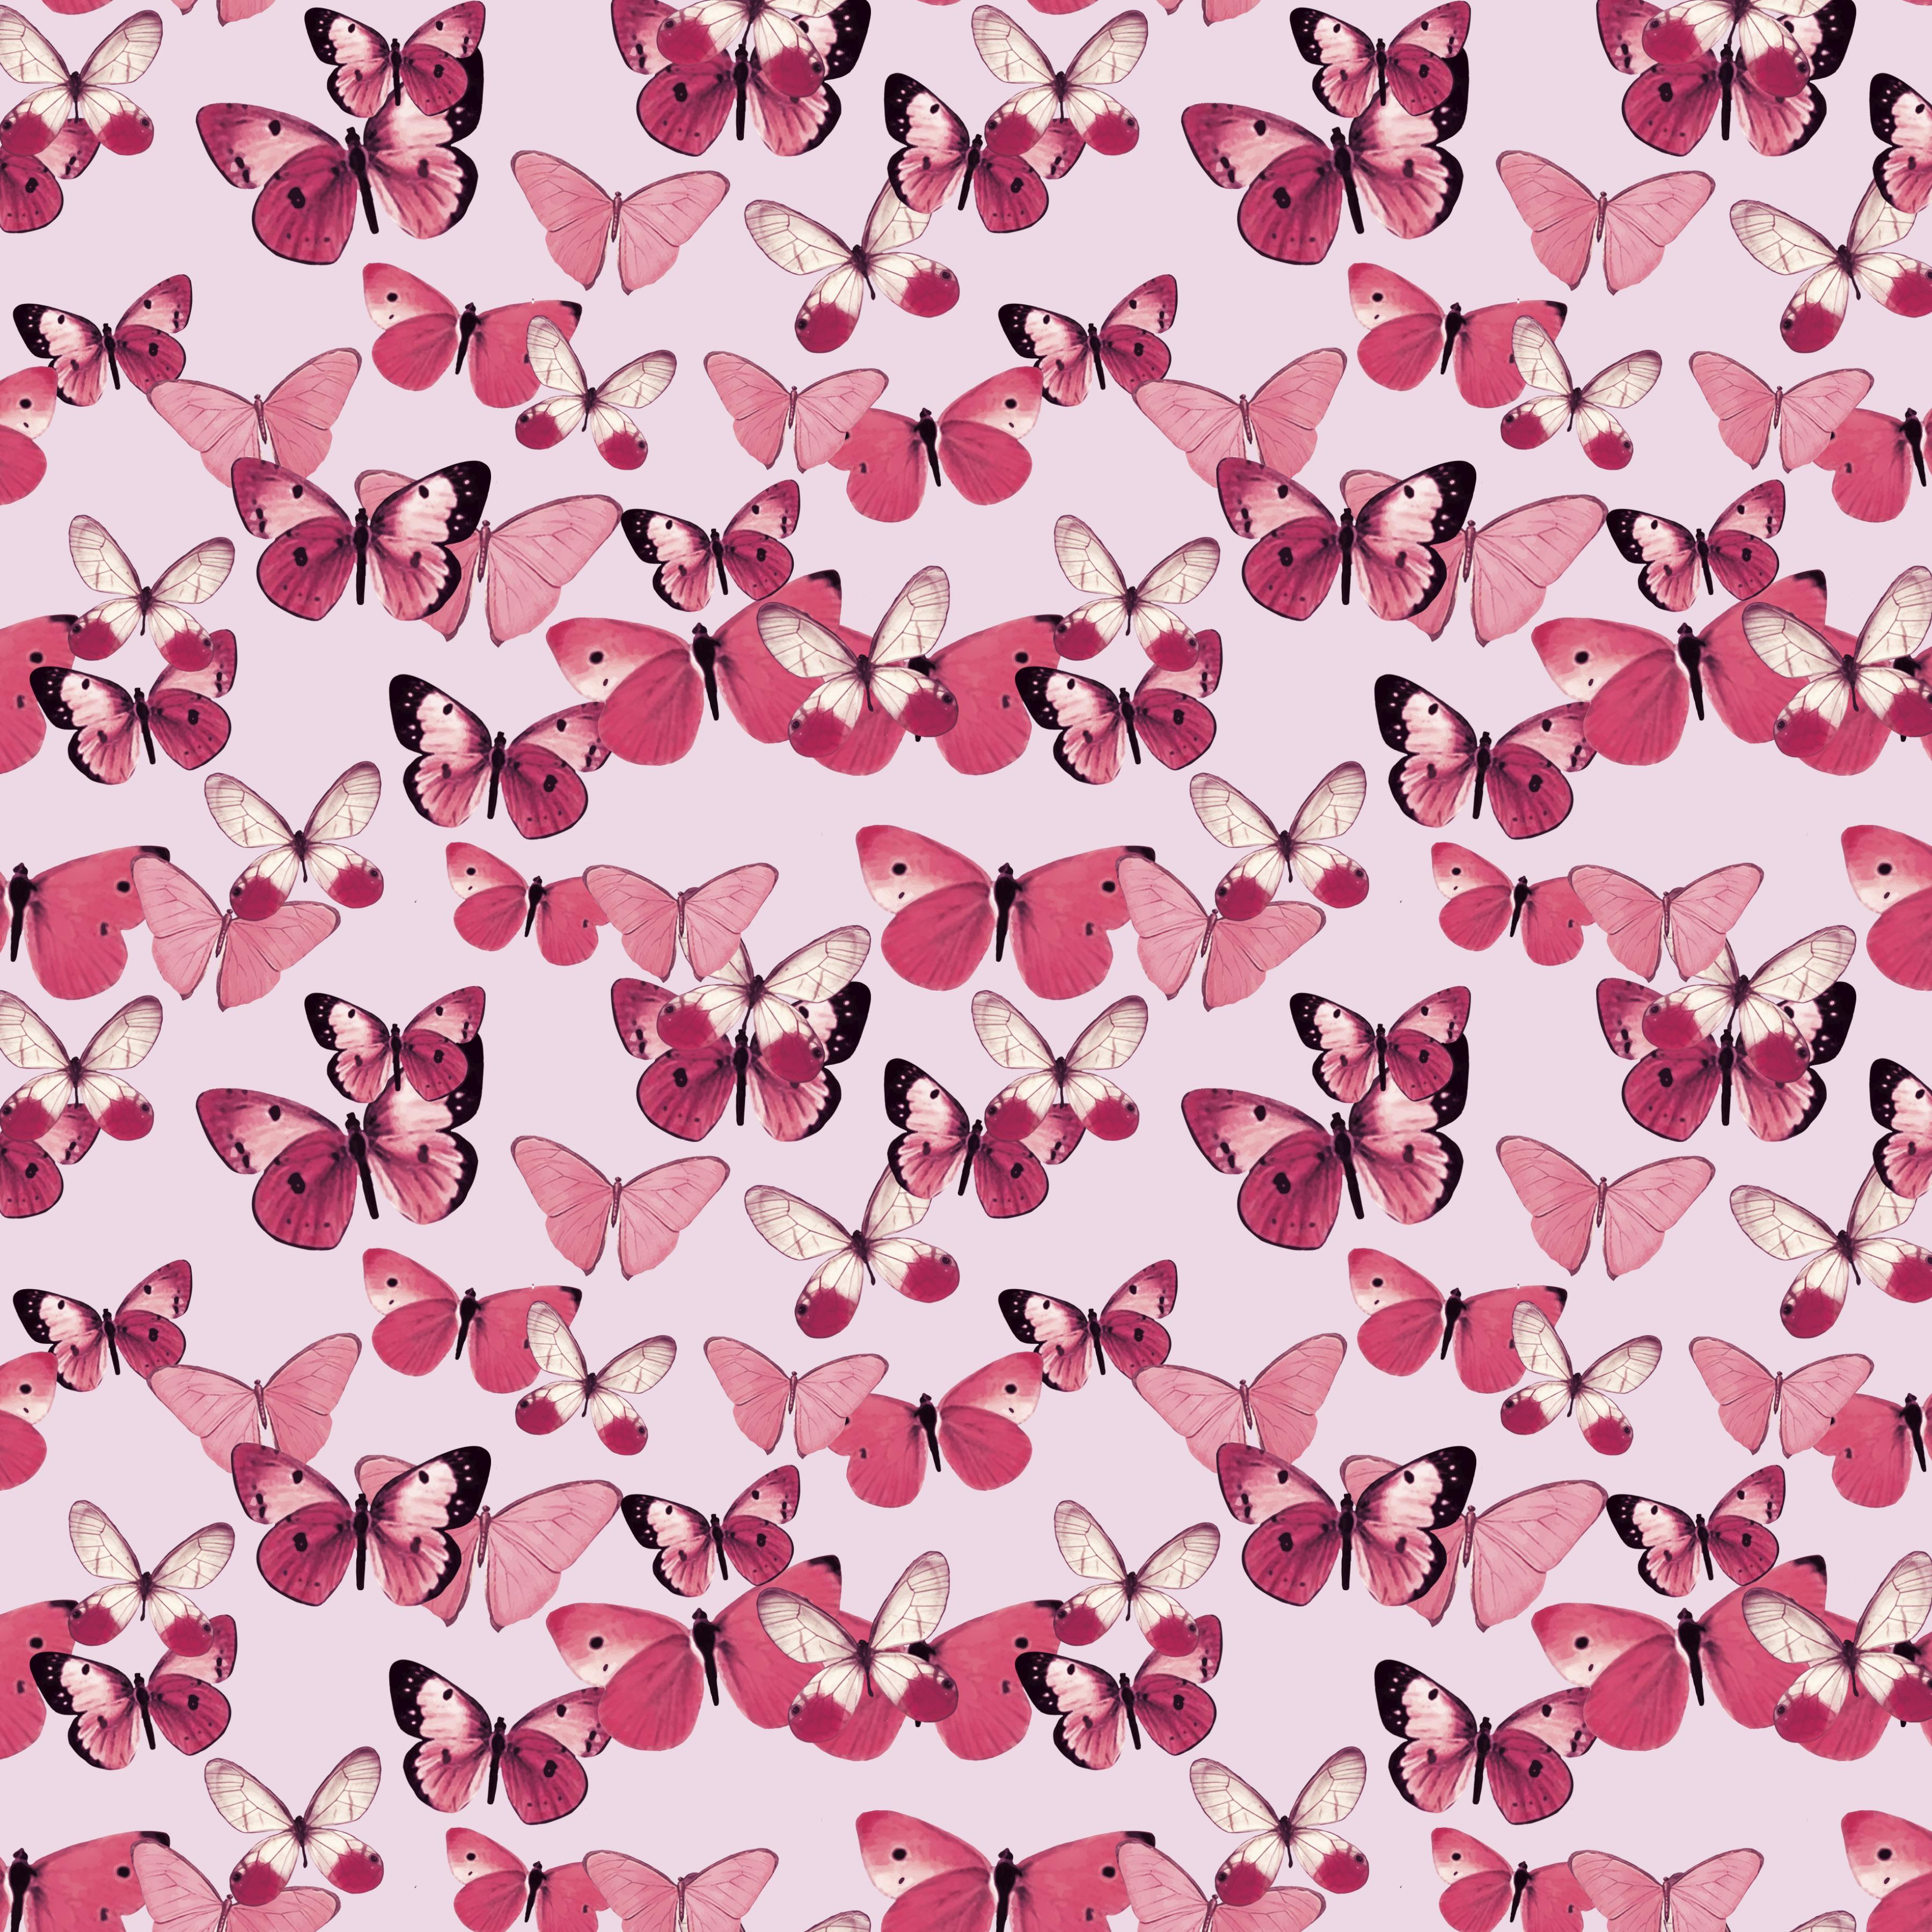 pink butterflies fill